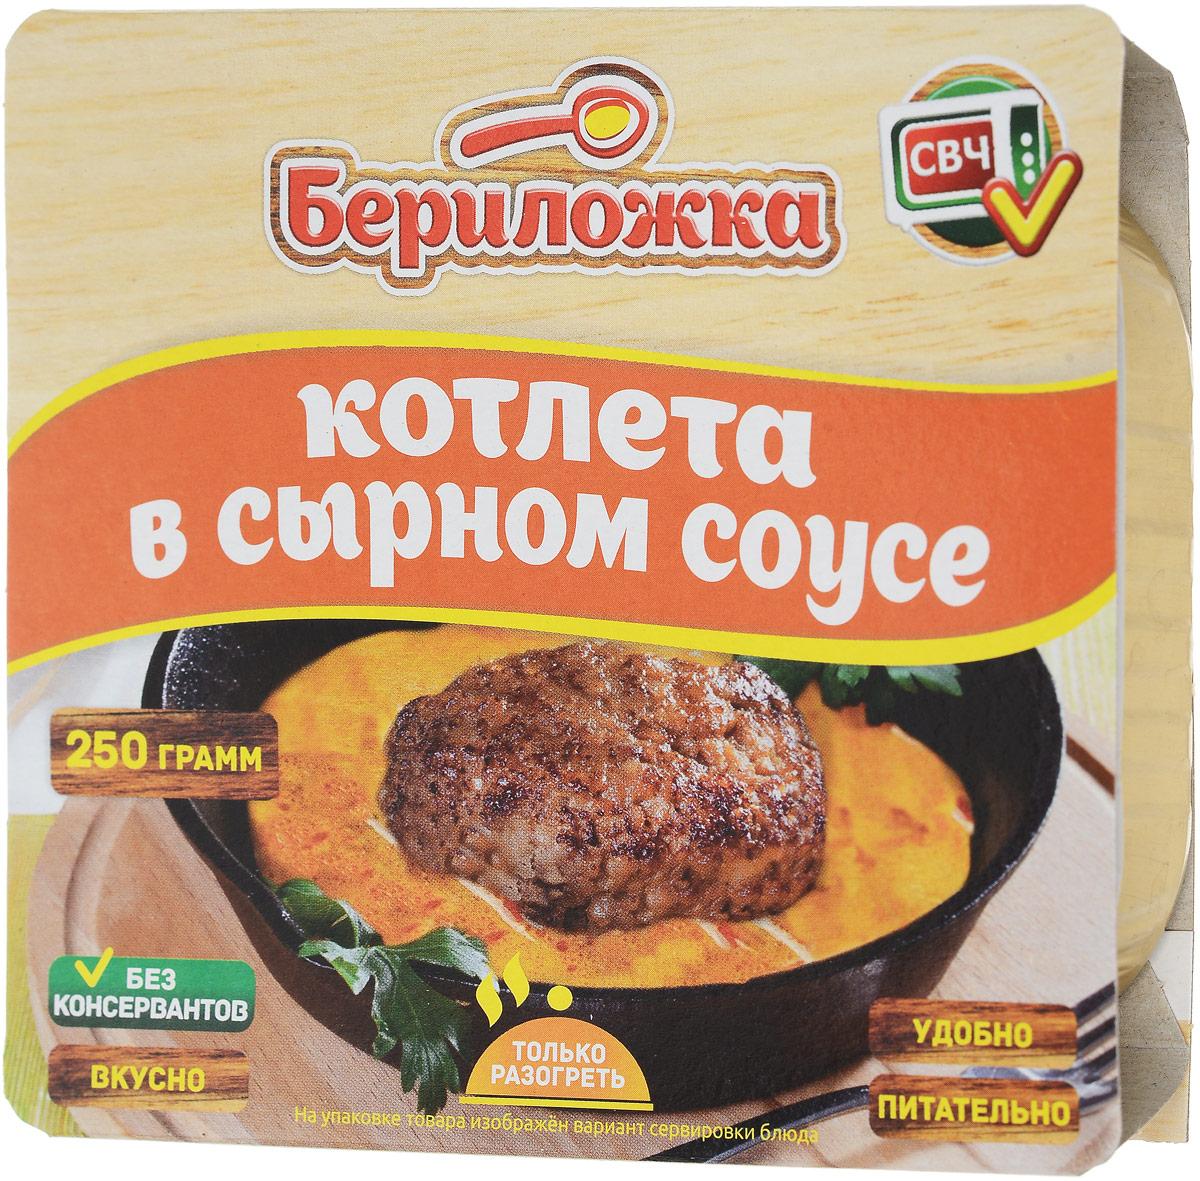 Бериложка котлета в сырном соусе, 250 г6120Котлета в сырном соусе Бериложка - натуральные мясорастительные консервы, стерилизованные.Перед употреблением рекомендуется разогреть. Продукт не содержит ГМО, консервантов.Уважаемые клиенты! Обращаем ваше внимание, что полный перечень состава продукта представлен на дополнительном изображении.